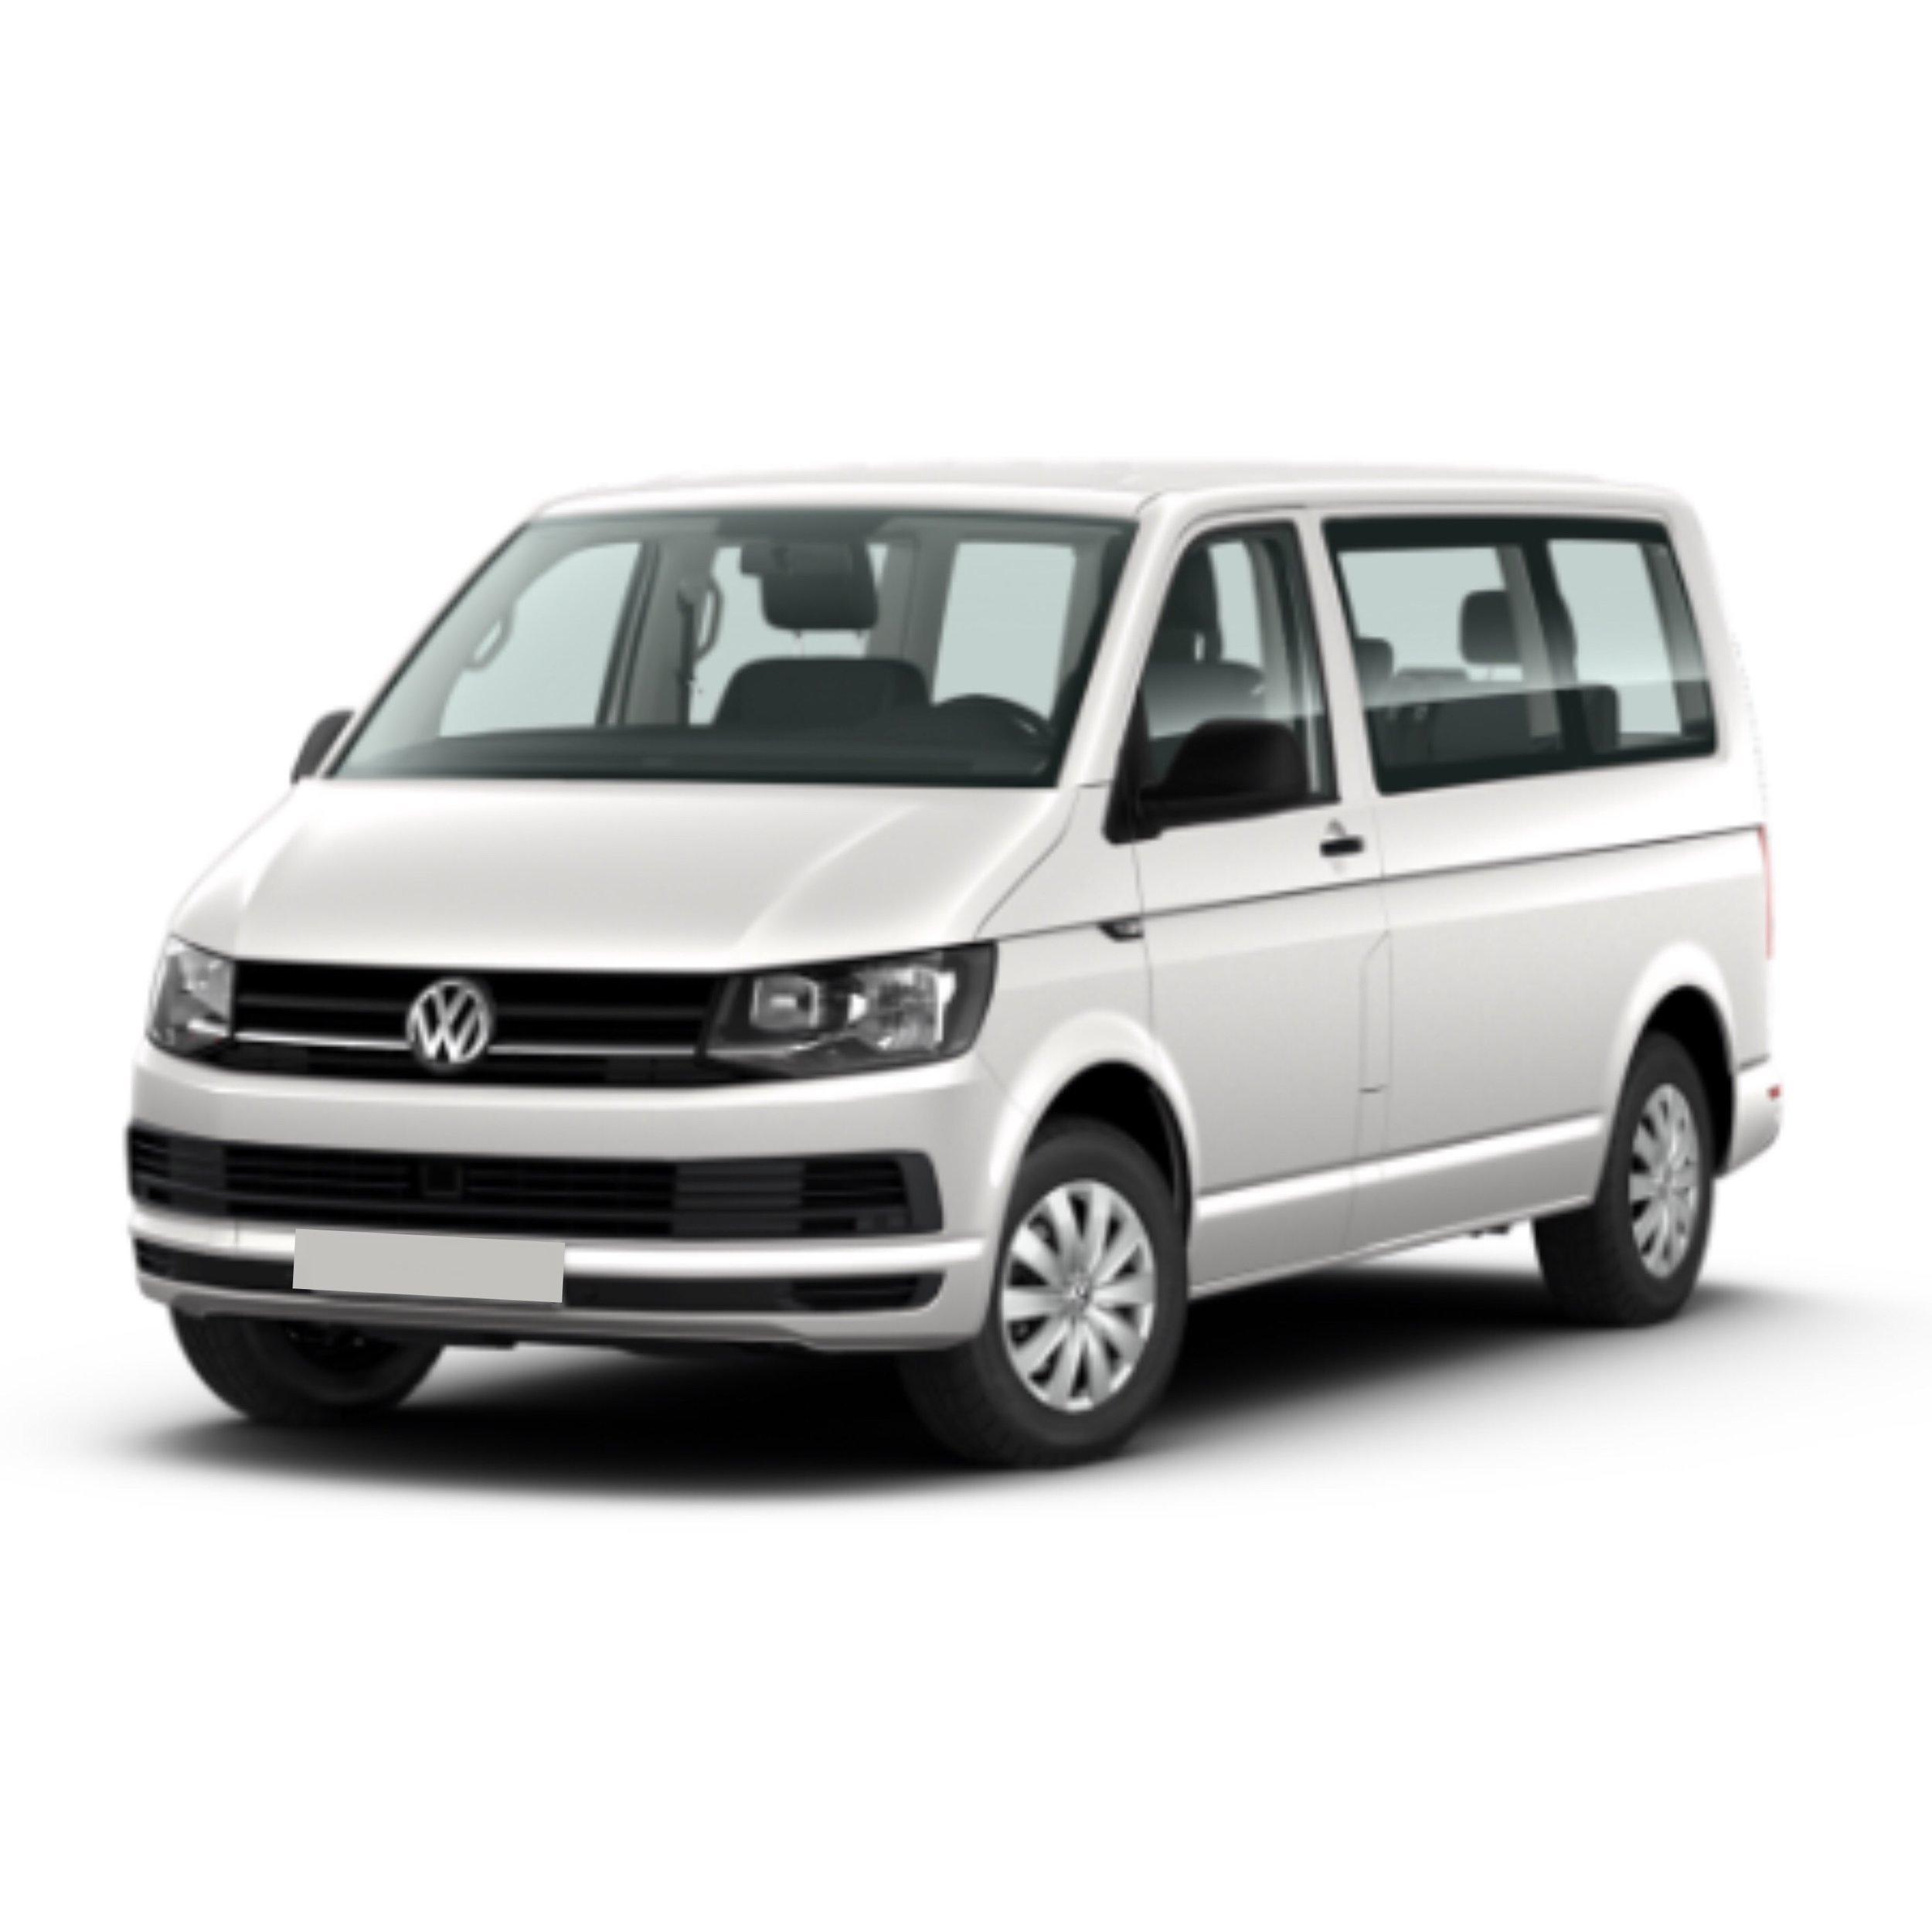 """VW Multivan """"Family"""" 313,00€ / Monat (7-Sitzer) - *Nur Gewerbekunden*alle Werte zzgl. der jeweiligen Umsatzsteuer"""